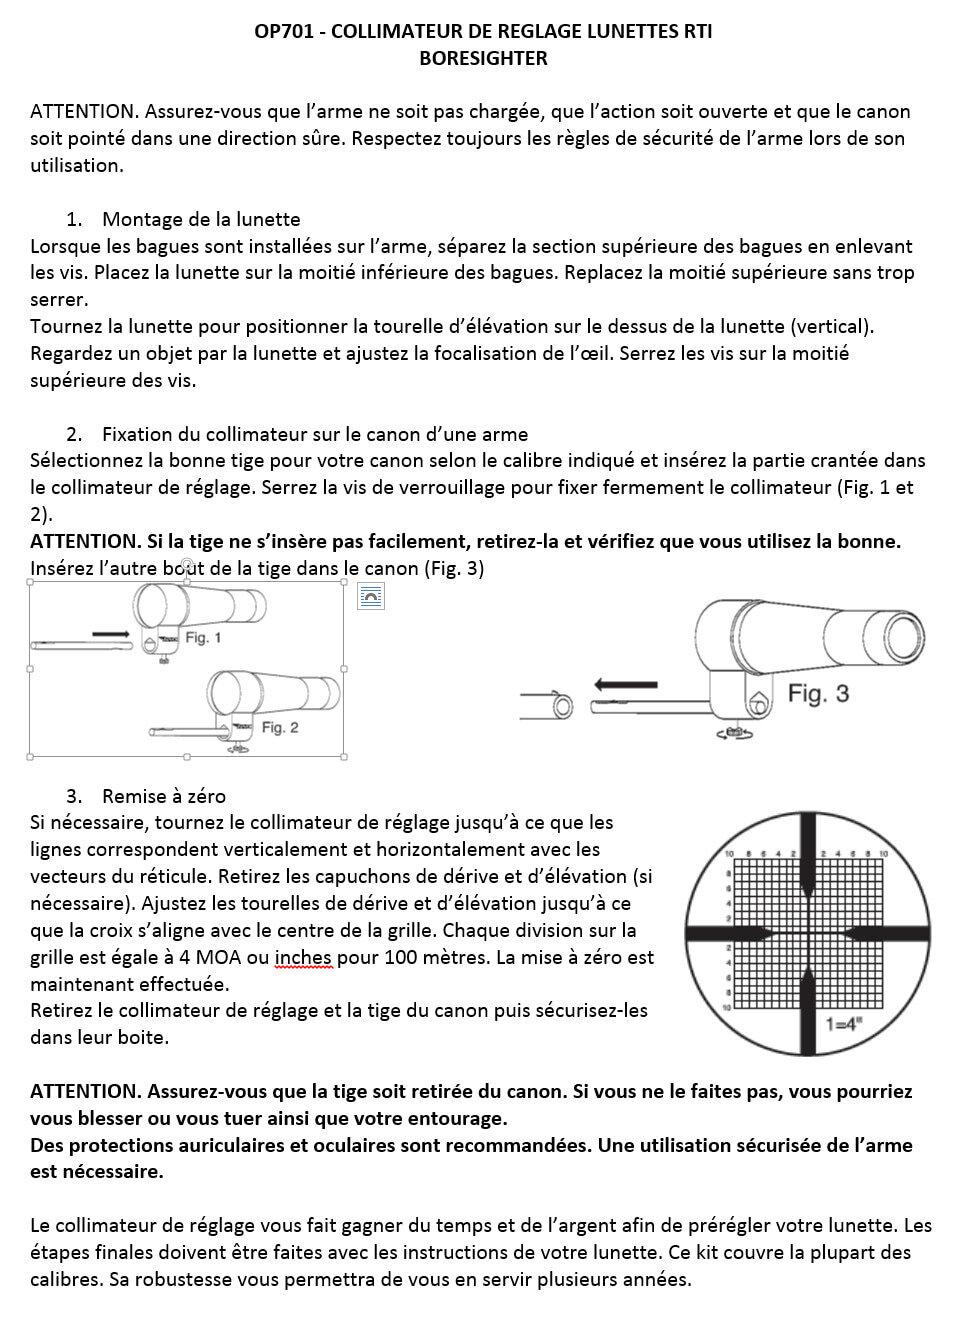 OP701-N-Collimateur de réglage tous calibres. def36b3e6e02